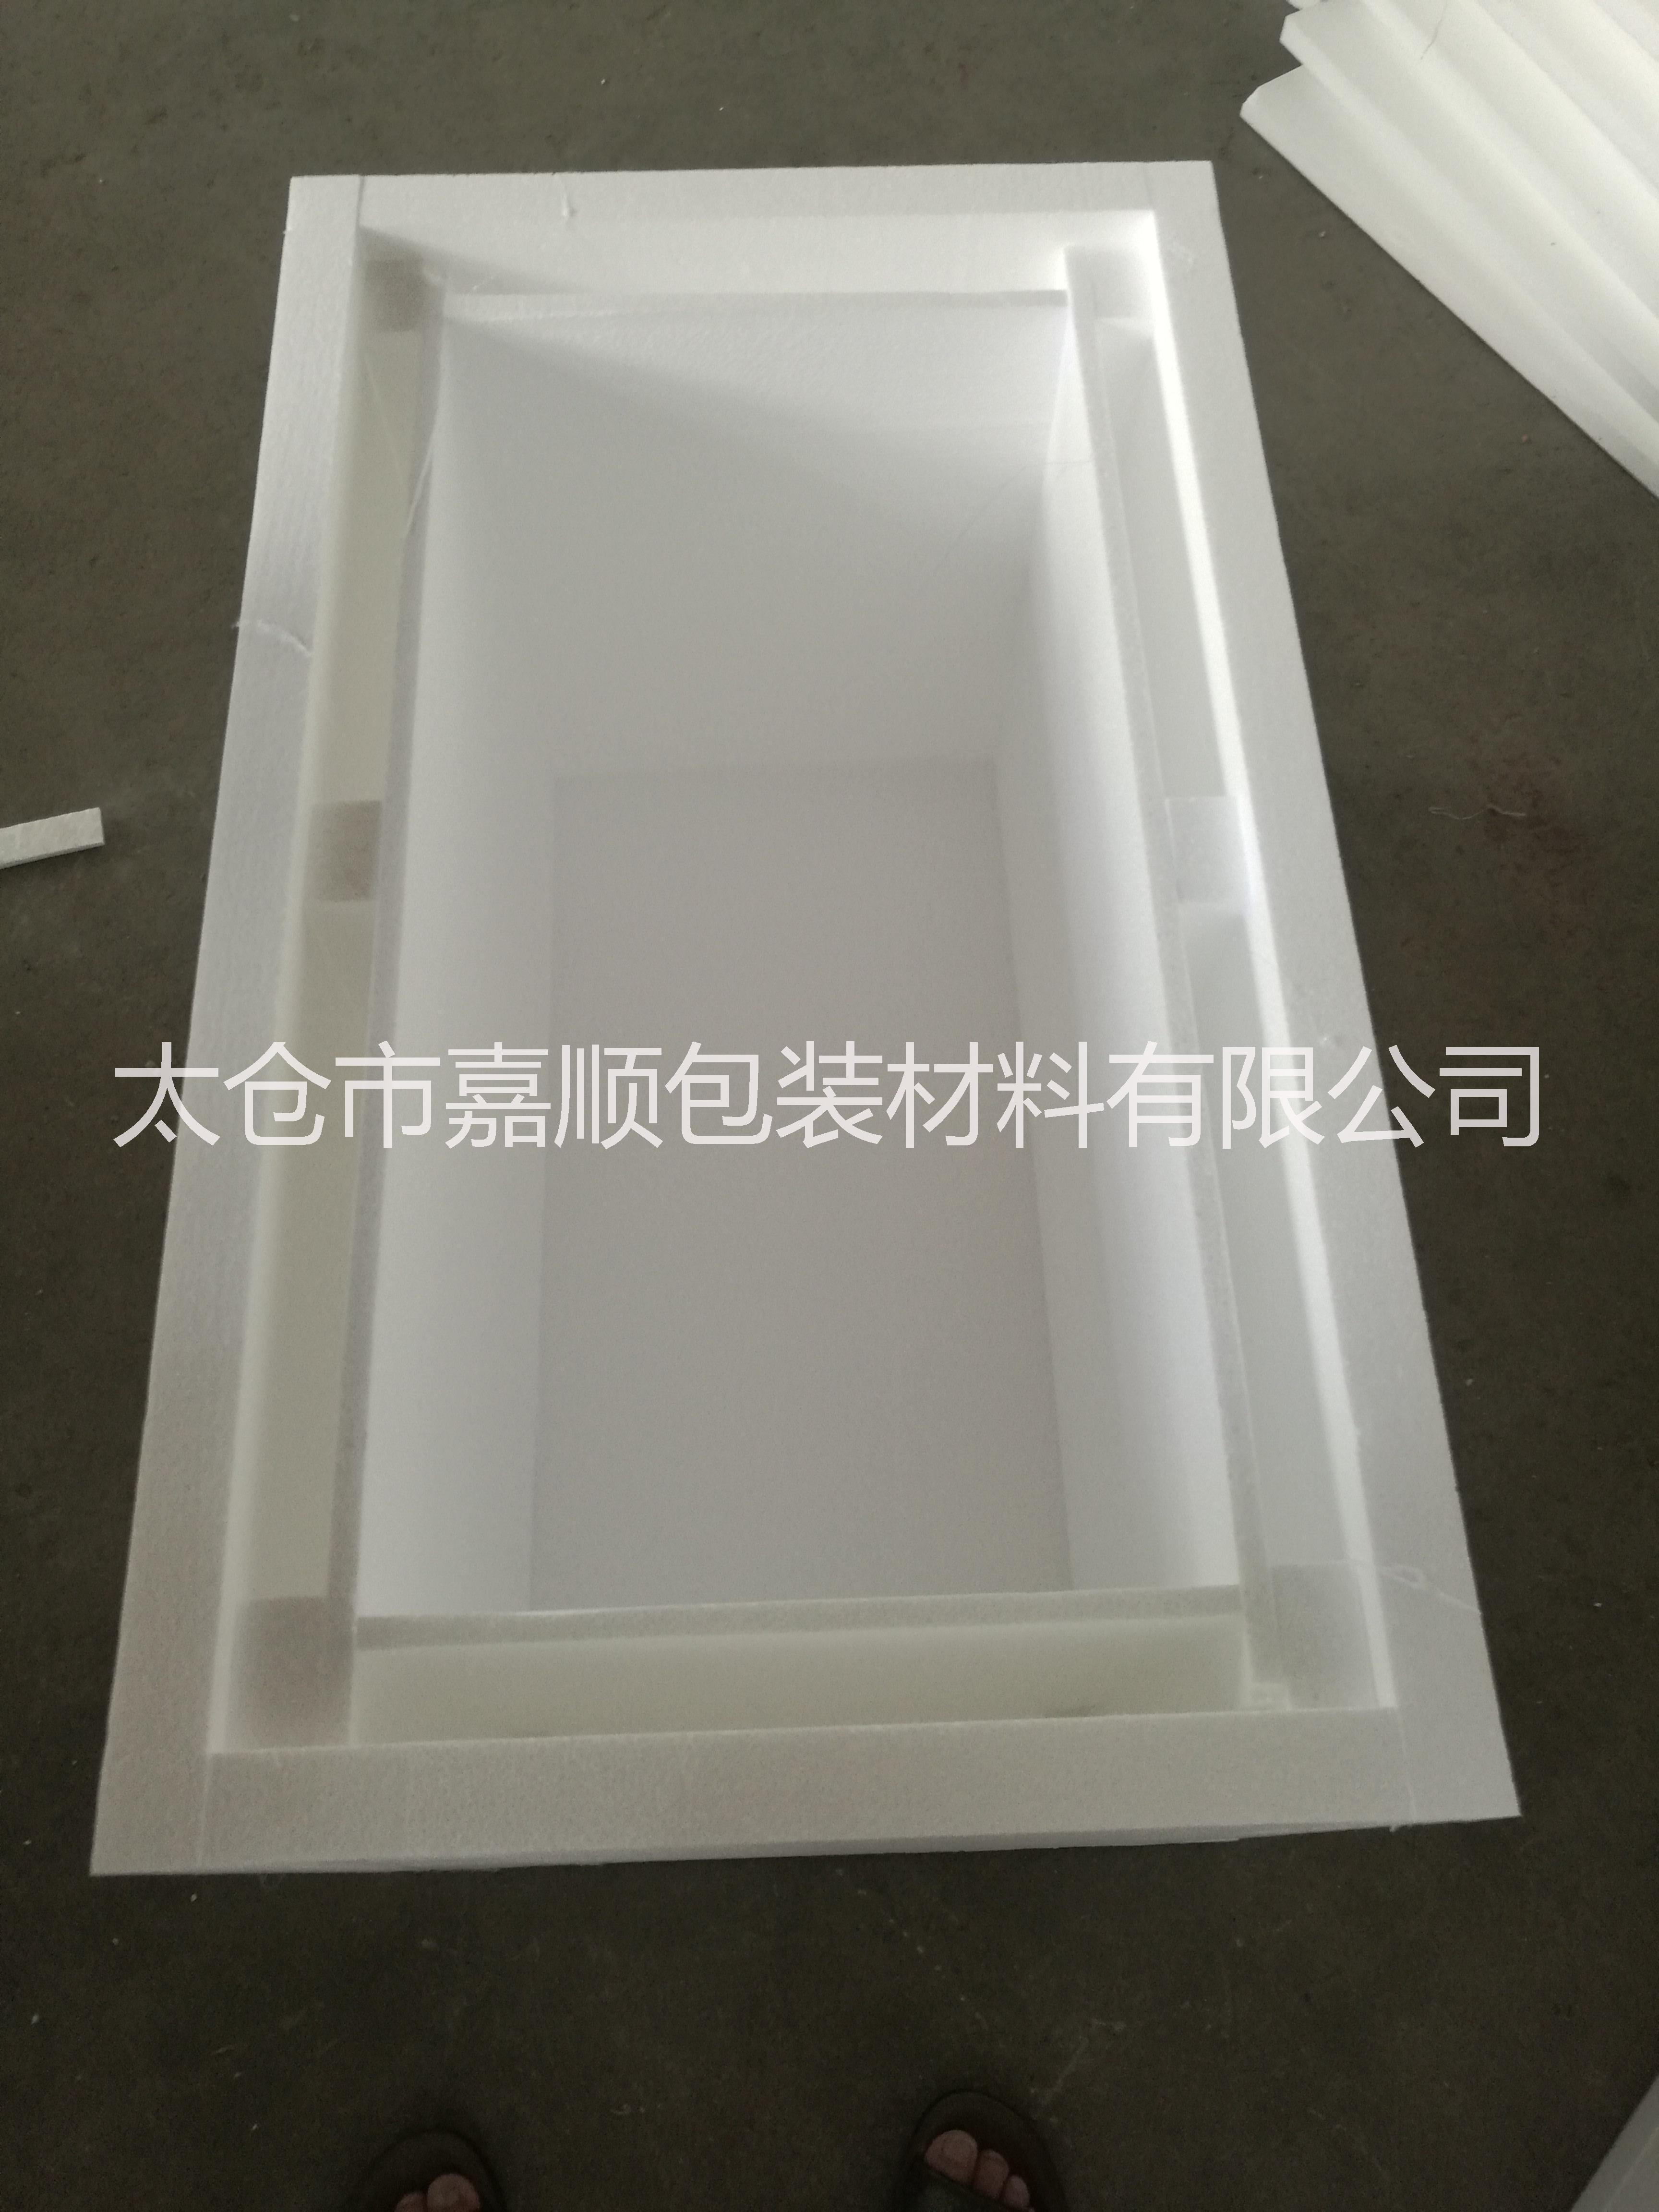 上海苏州泡沫保温箱  聚苯板 EPS泡沫箱 泡沫盒